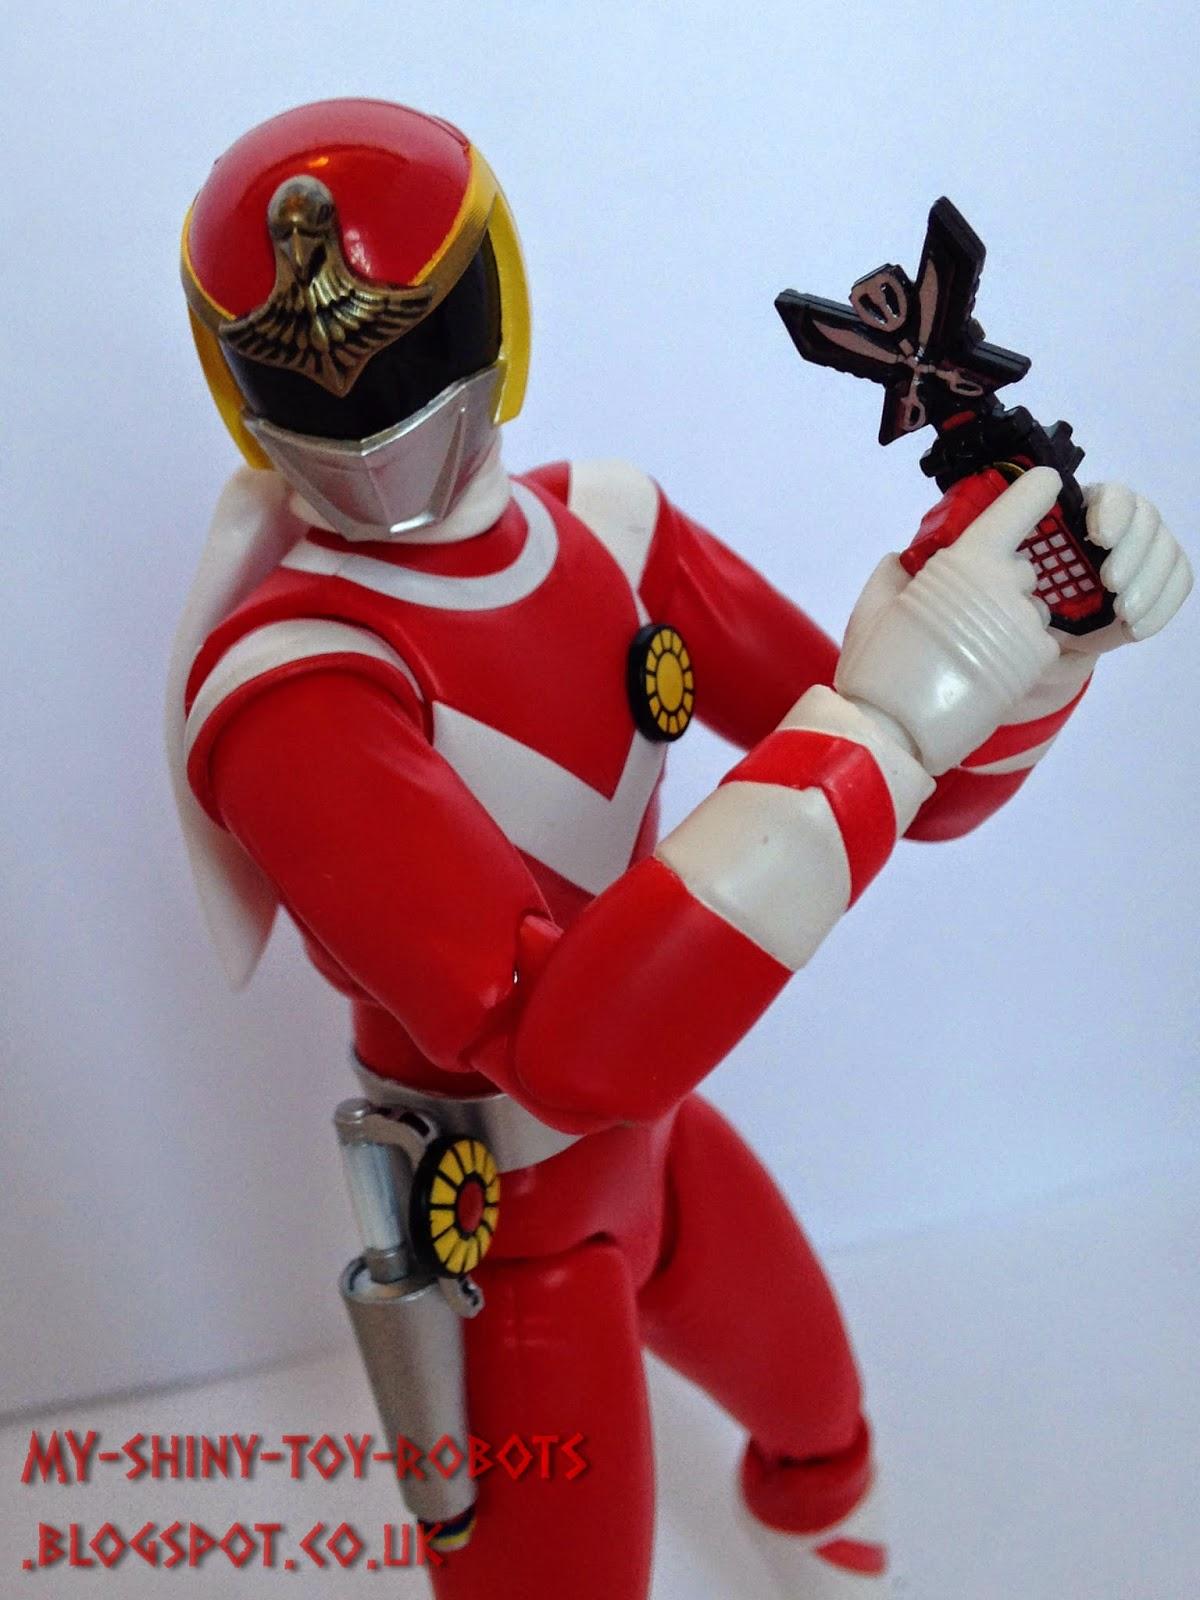 Gokai Change! Sun Vulcan!